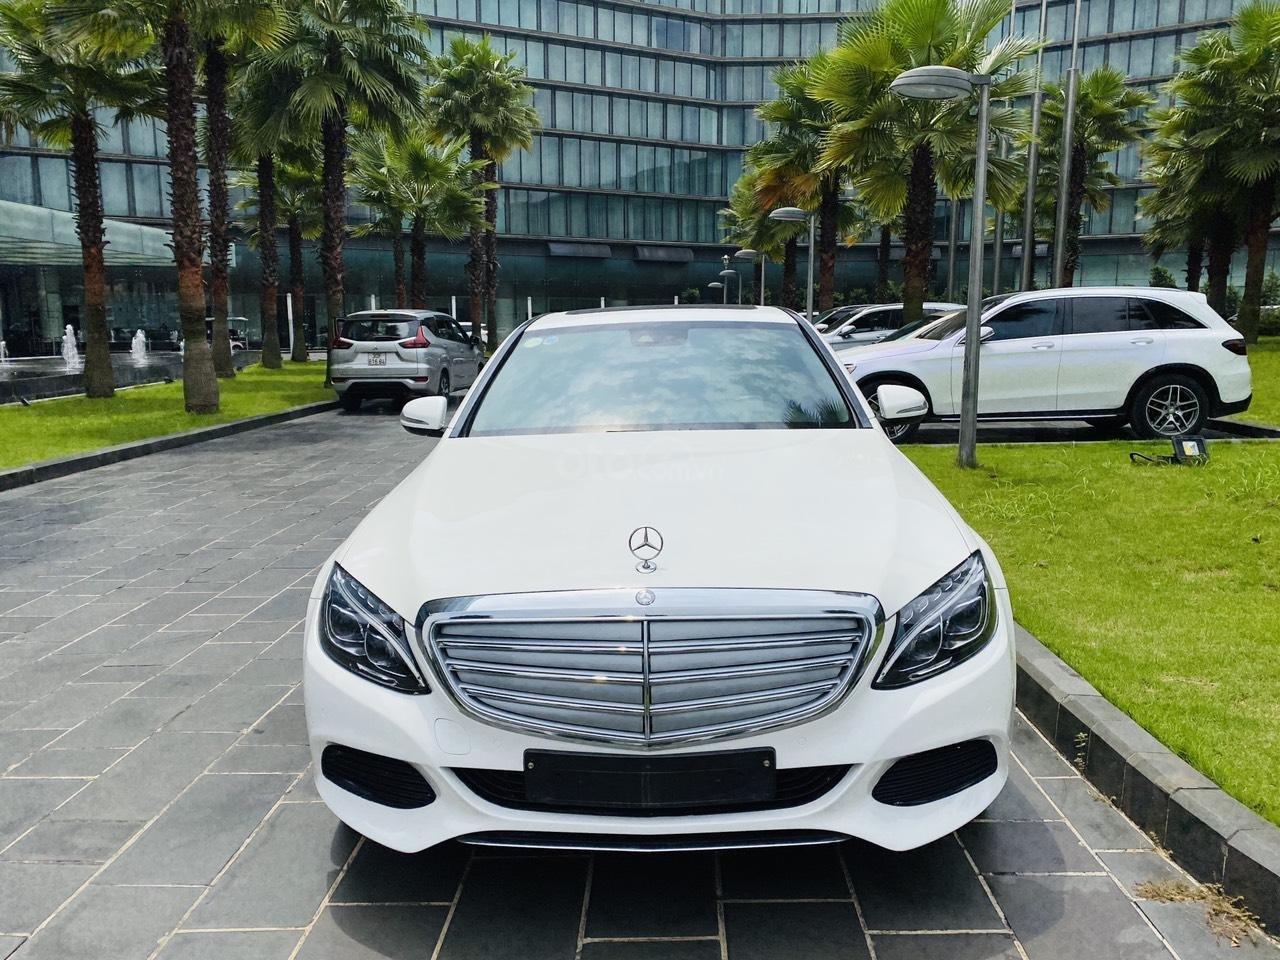 Mercedes C250 SX 2015 model 2016 màu trắng nội thất đen (1)